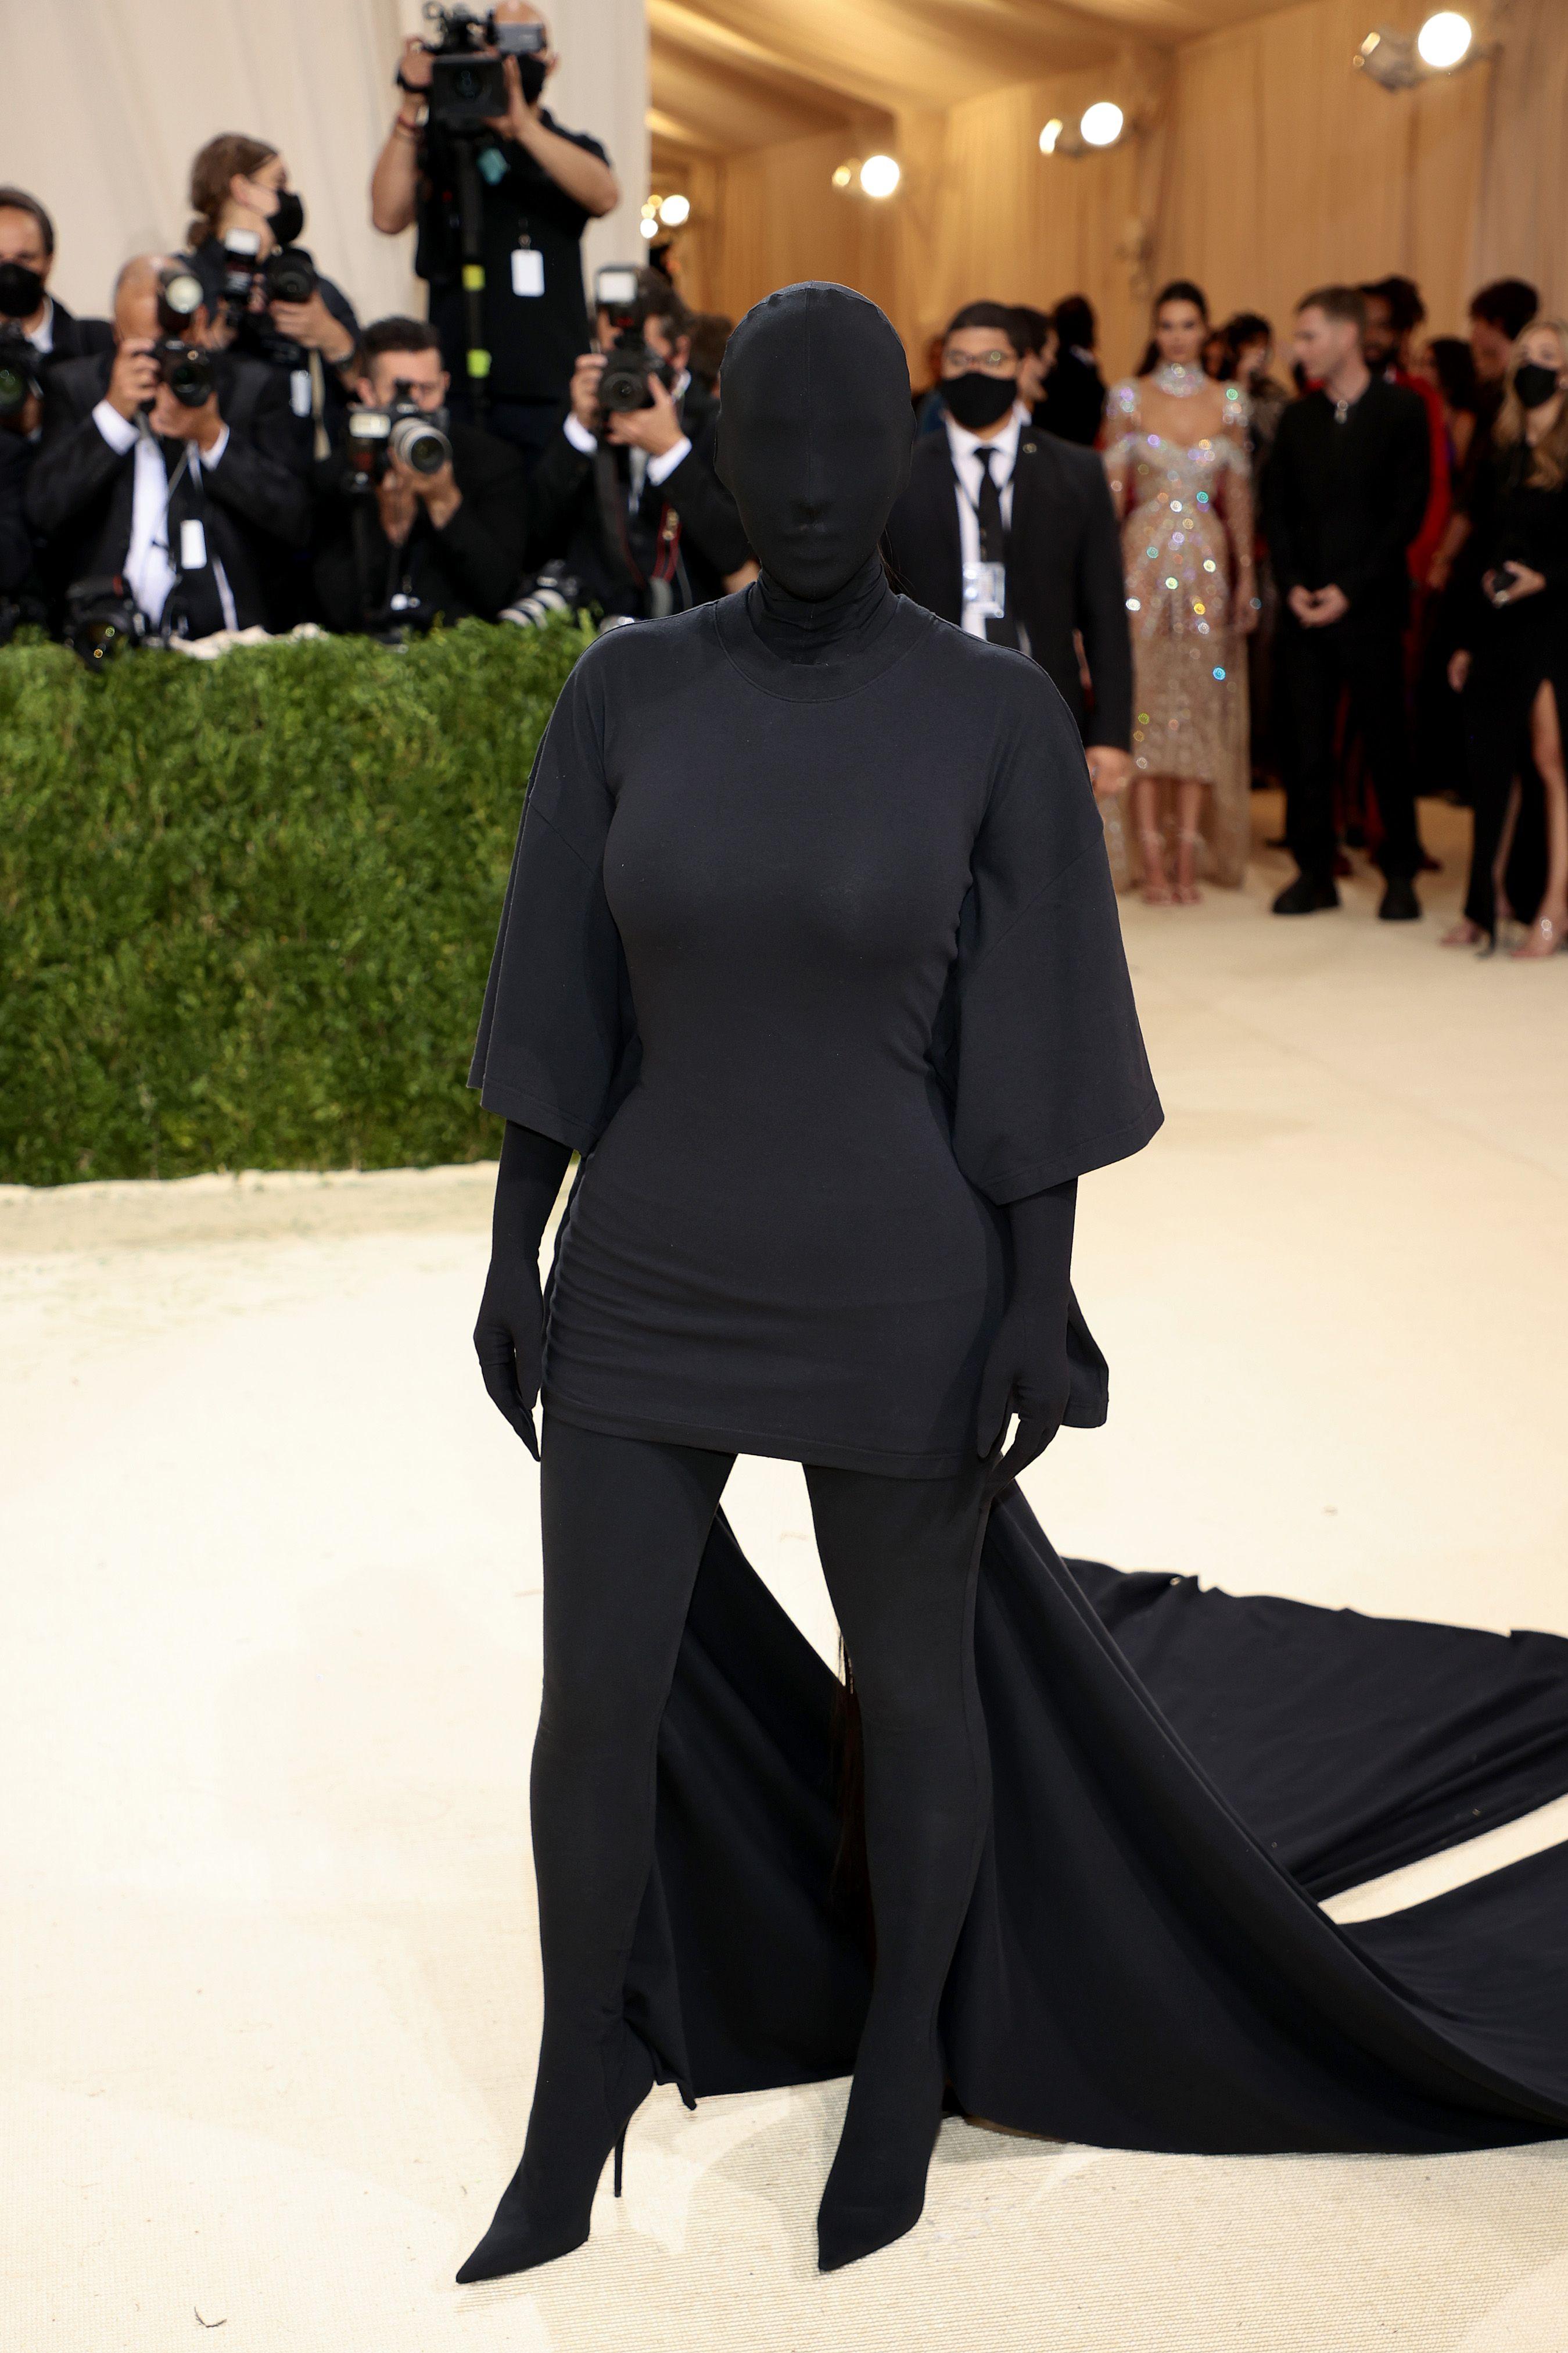 gala 2021 u takua duke festuar në Amerikë një leksik të arritjeve të modës Kim Kardashian